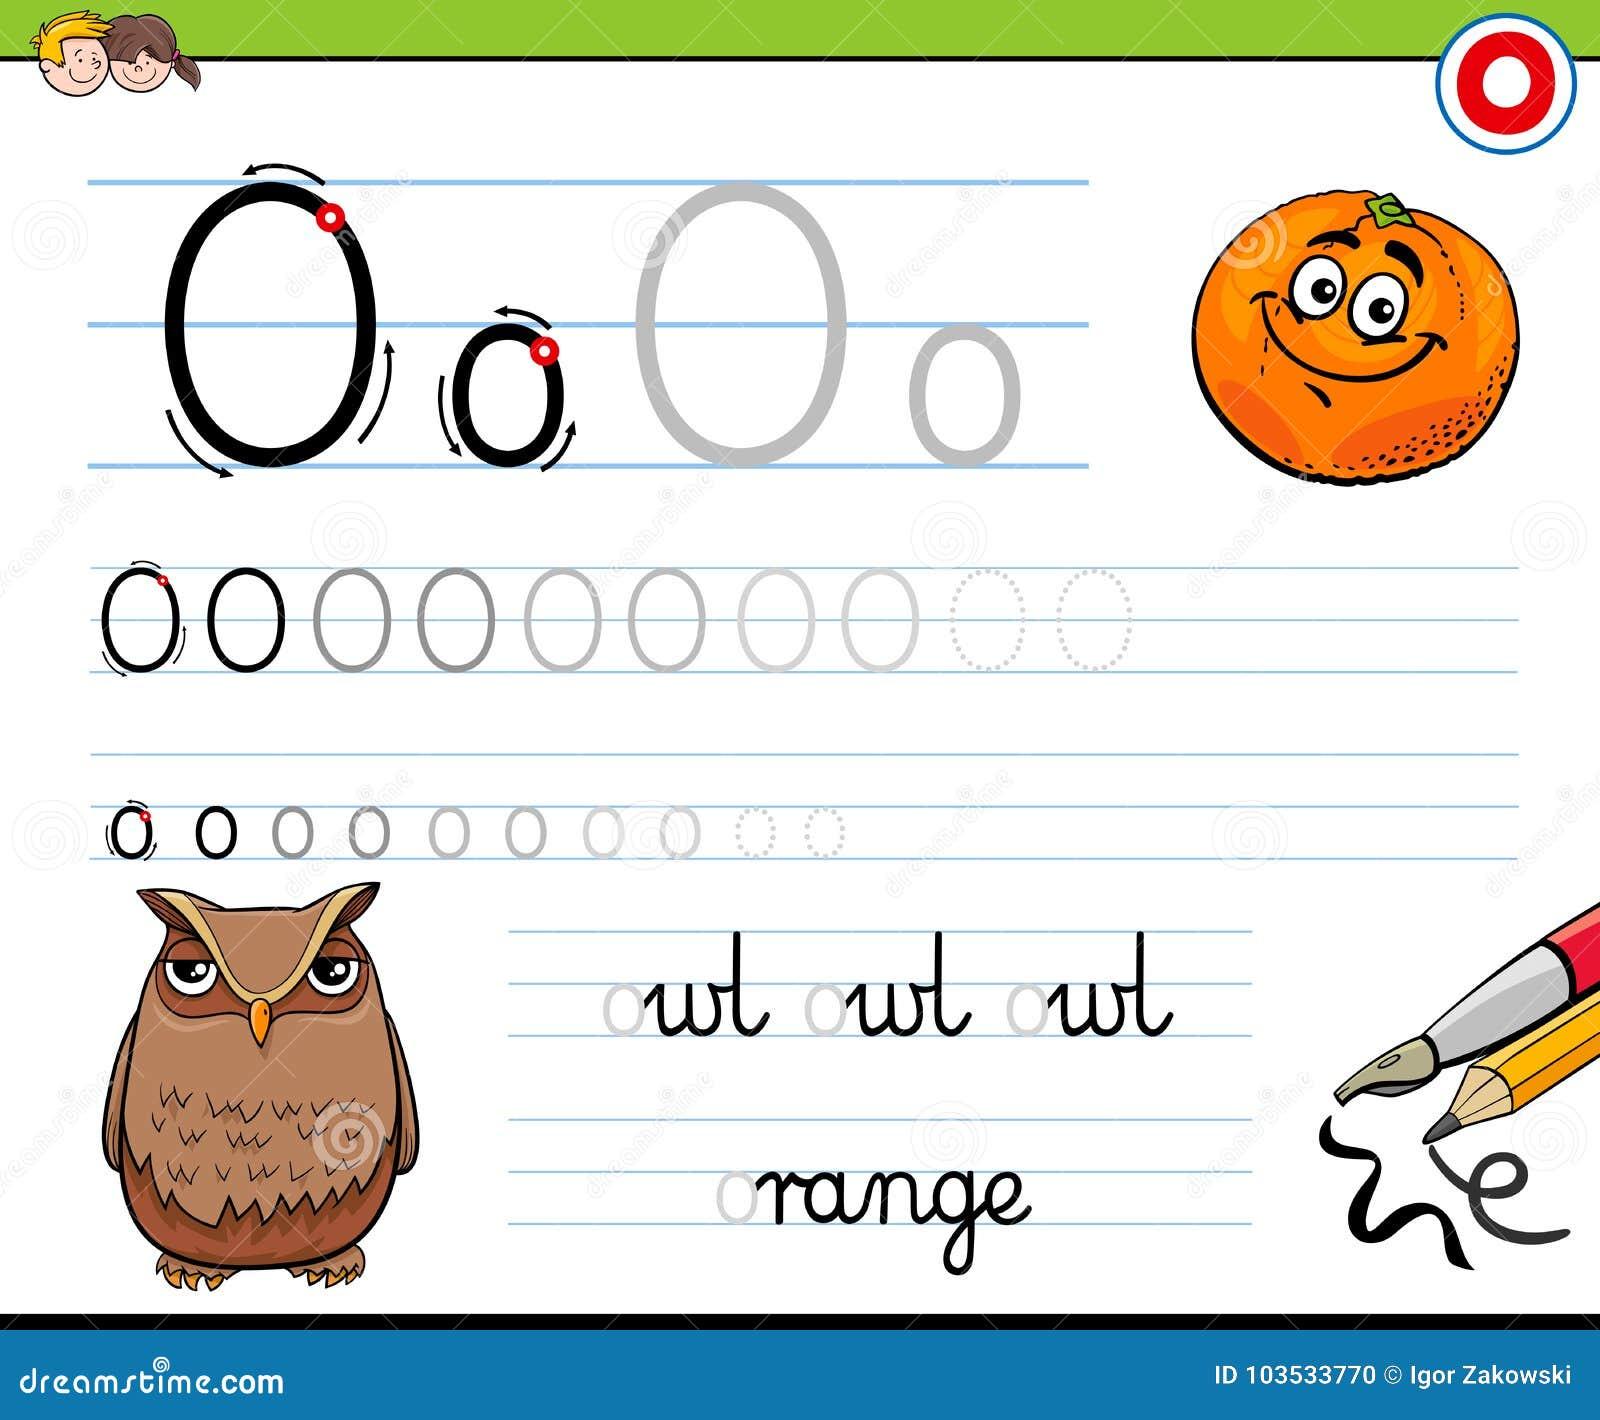 how to write letter o worksheet for kids stock vector illustration of language elements. Black Bedroom Furniture Sets. Home Design Ideas